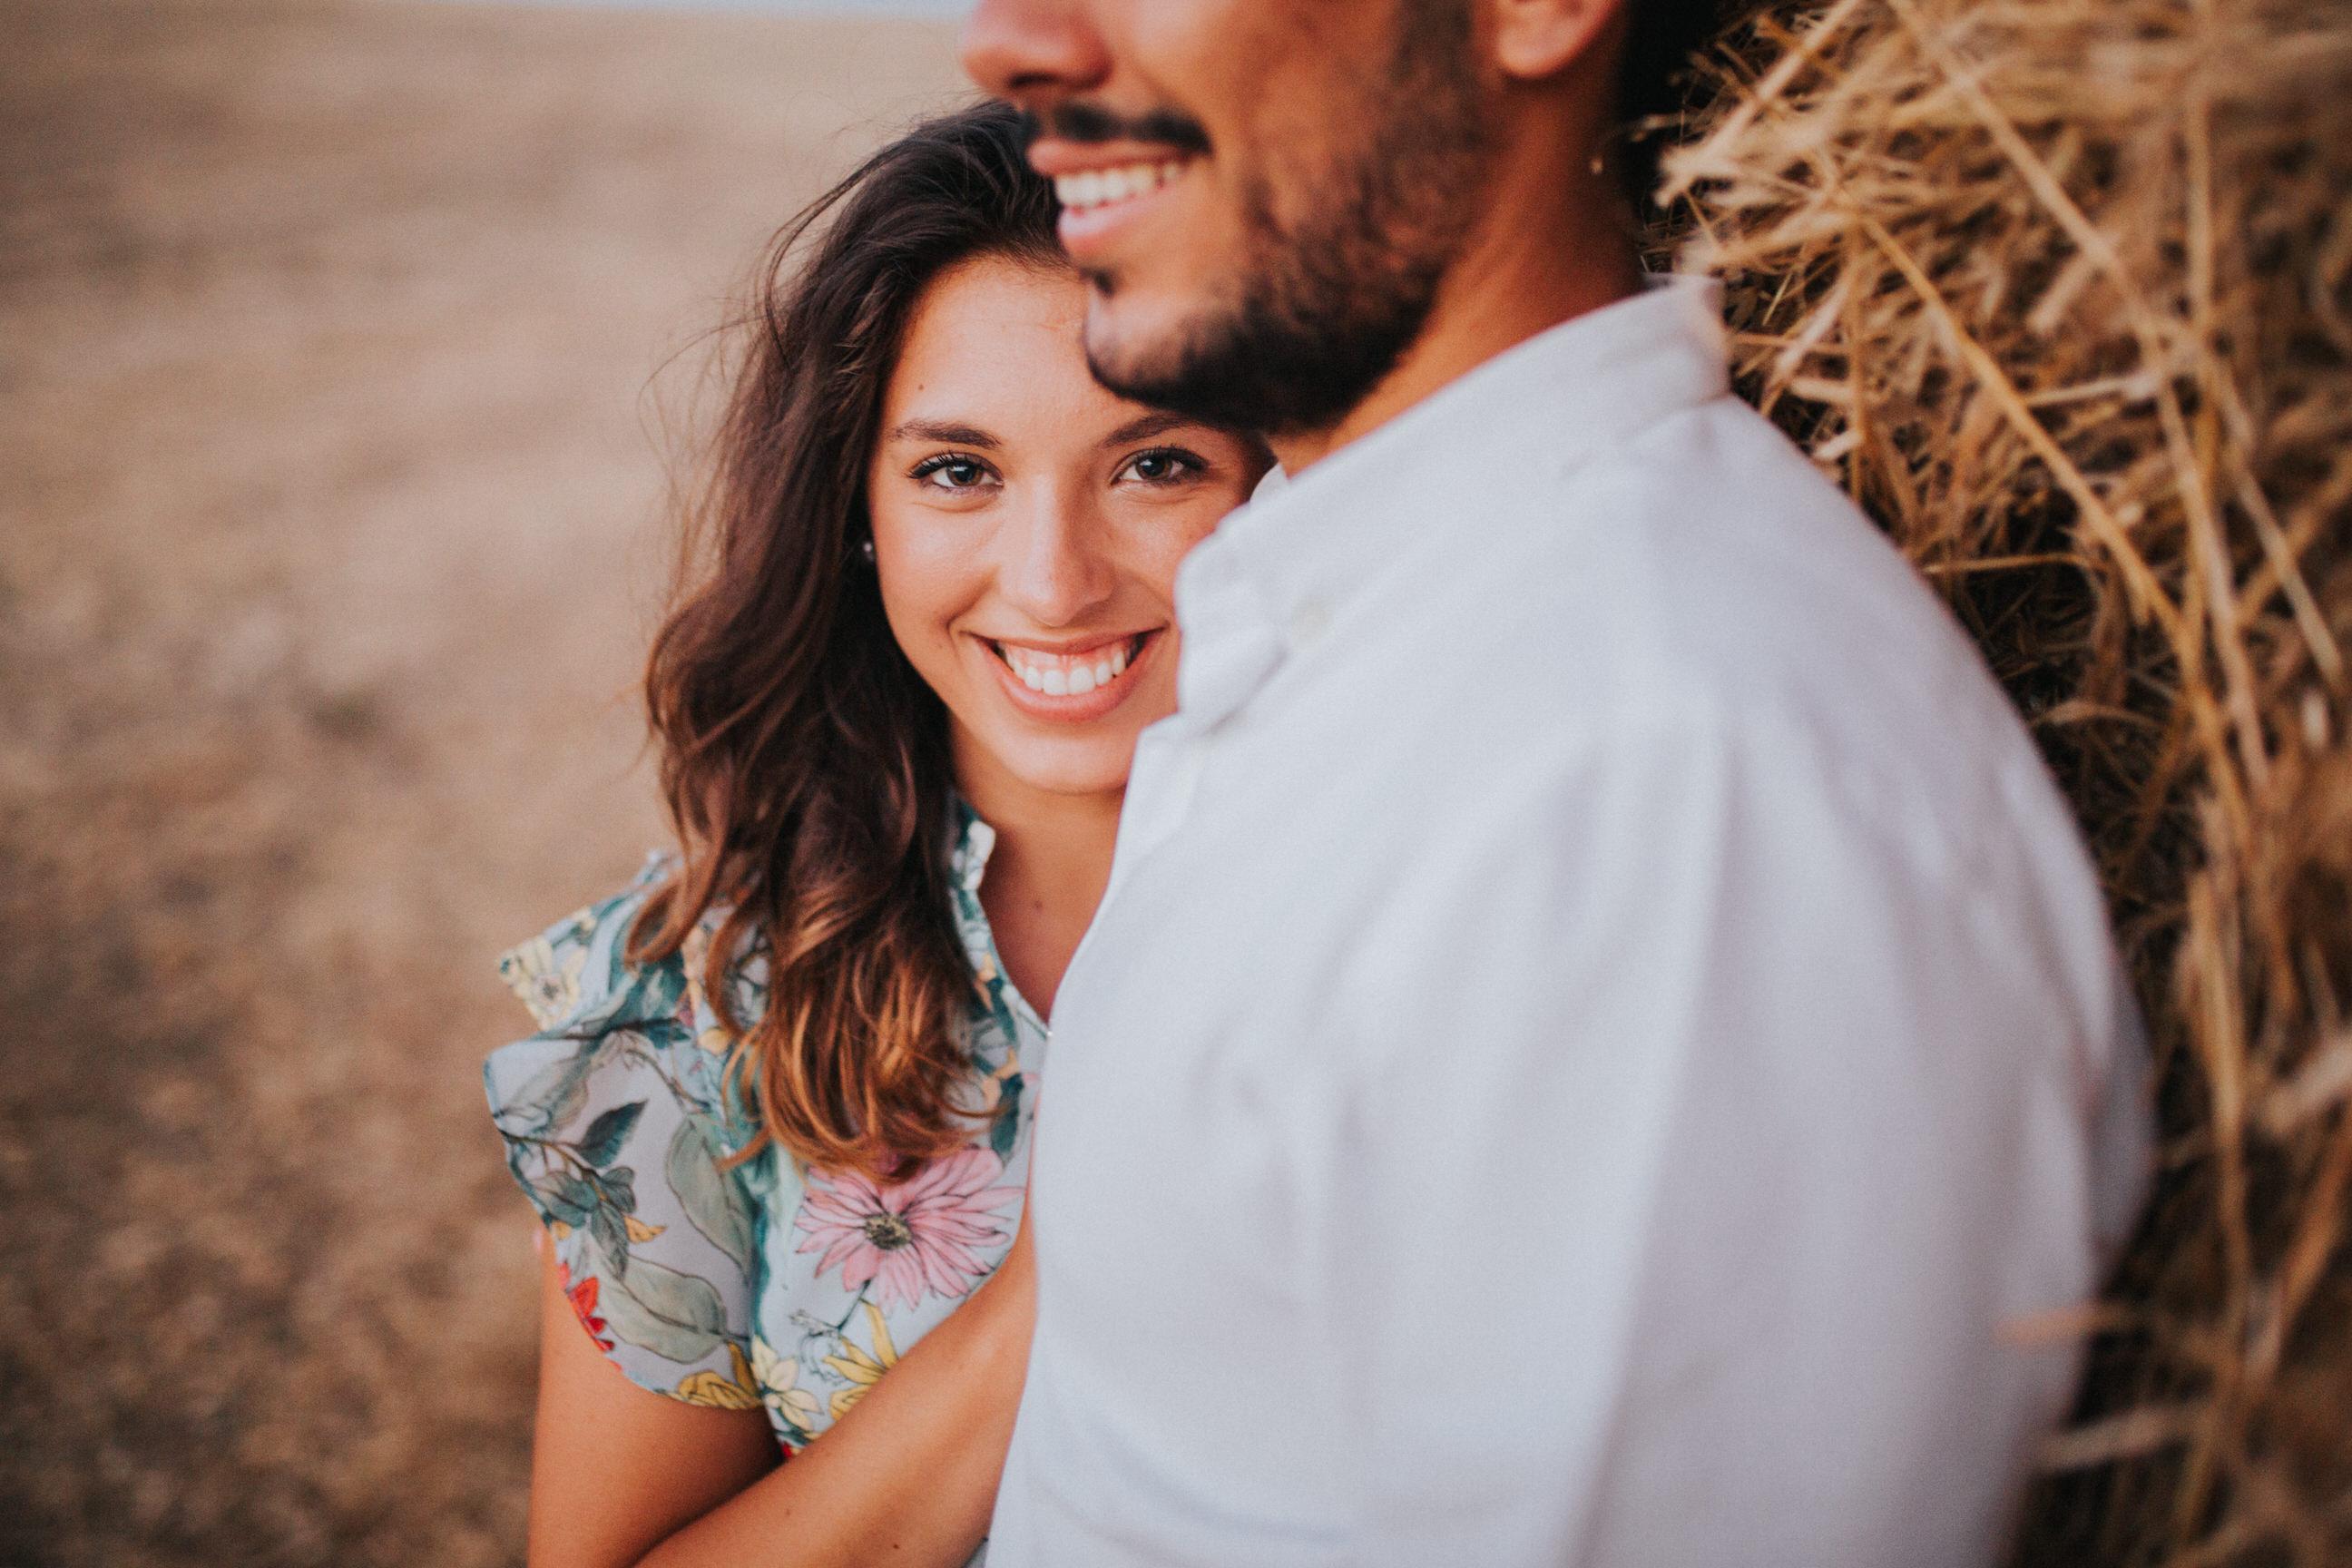 39 Cristiana&André-engagement-love-session-solteiros-noivado-foto-natural-Filipe-Santiago-Fotografia-Lisboa-Sintra-Mafra-Malveira-campo-Fotografos-mata-pequena